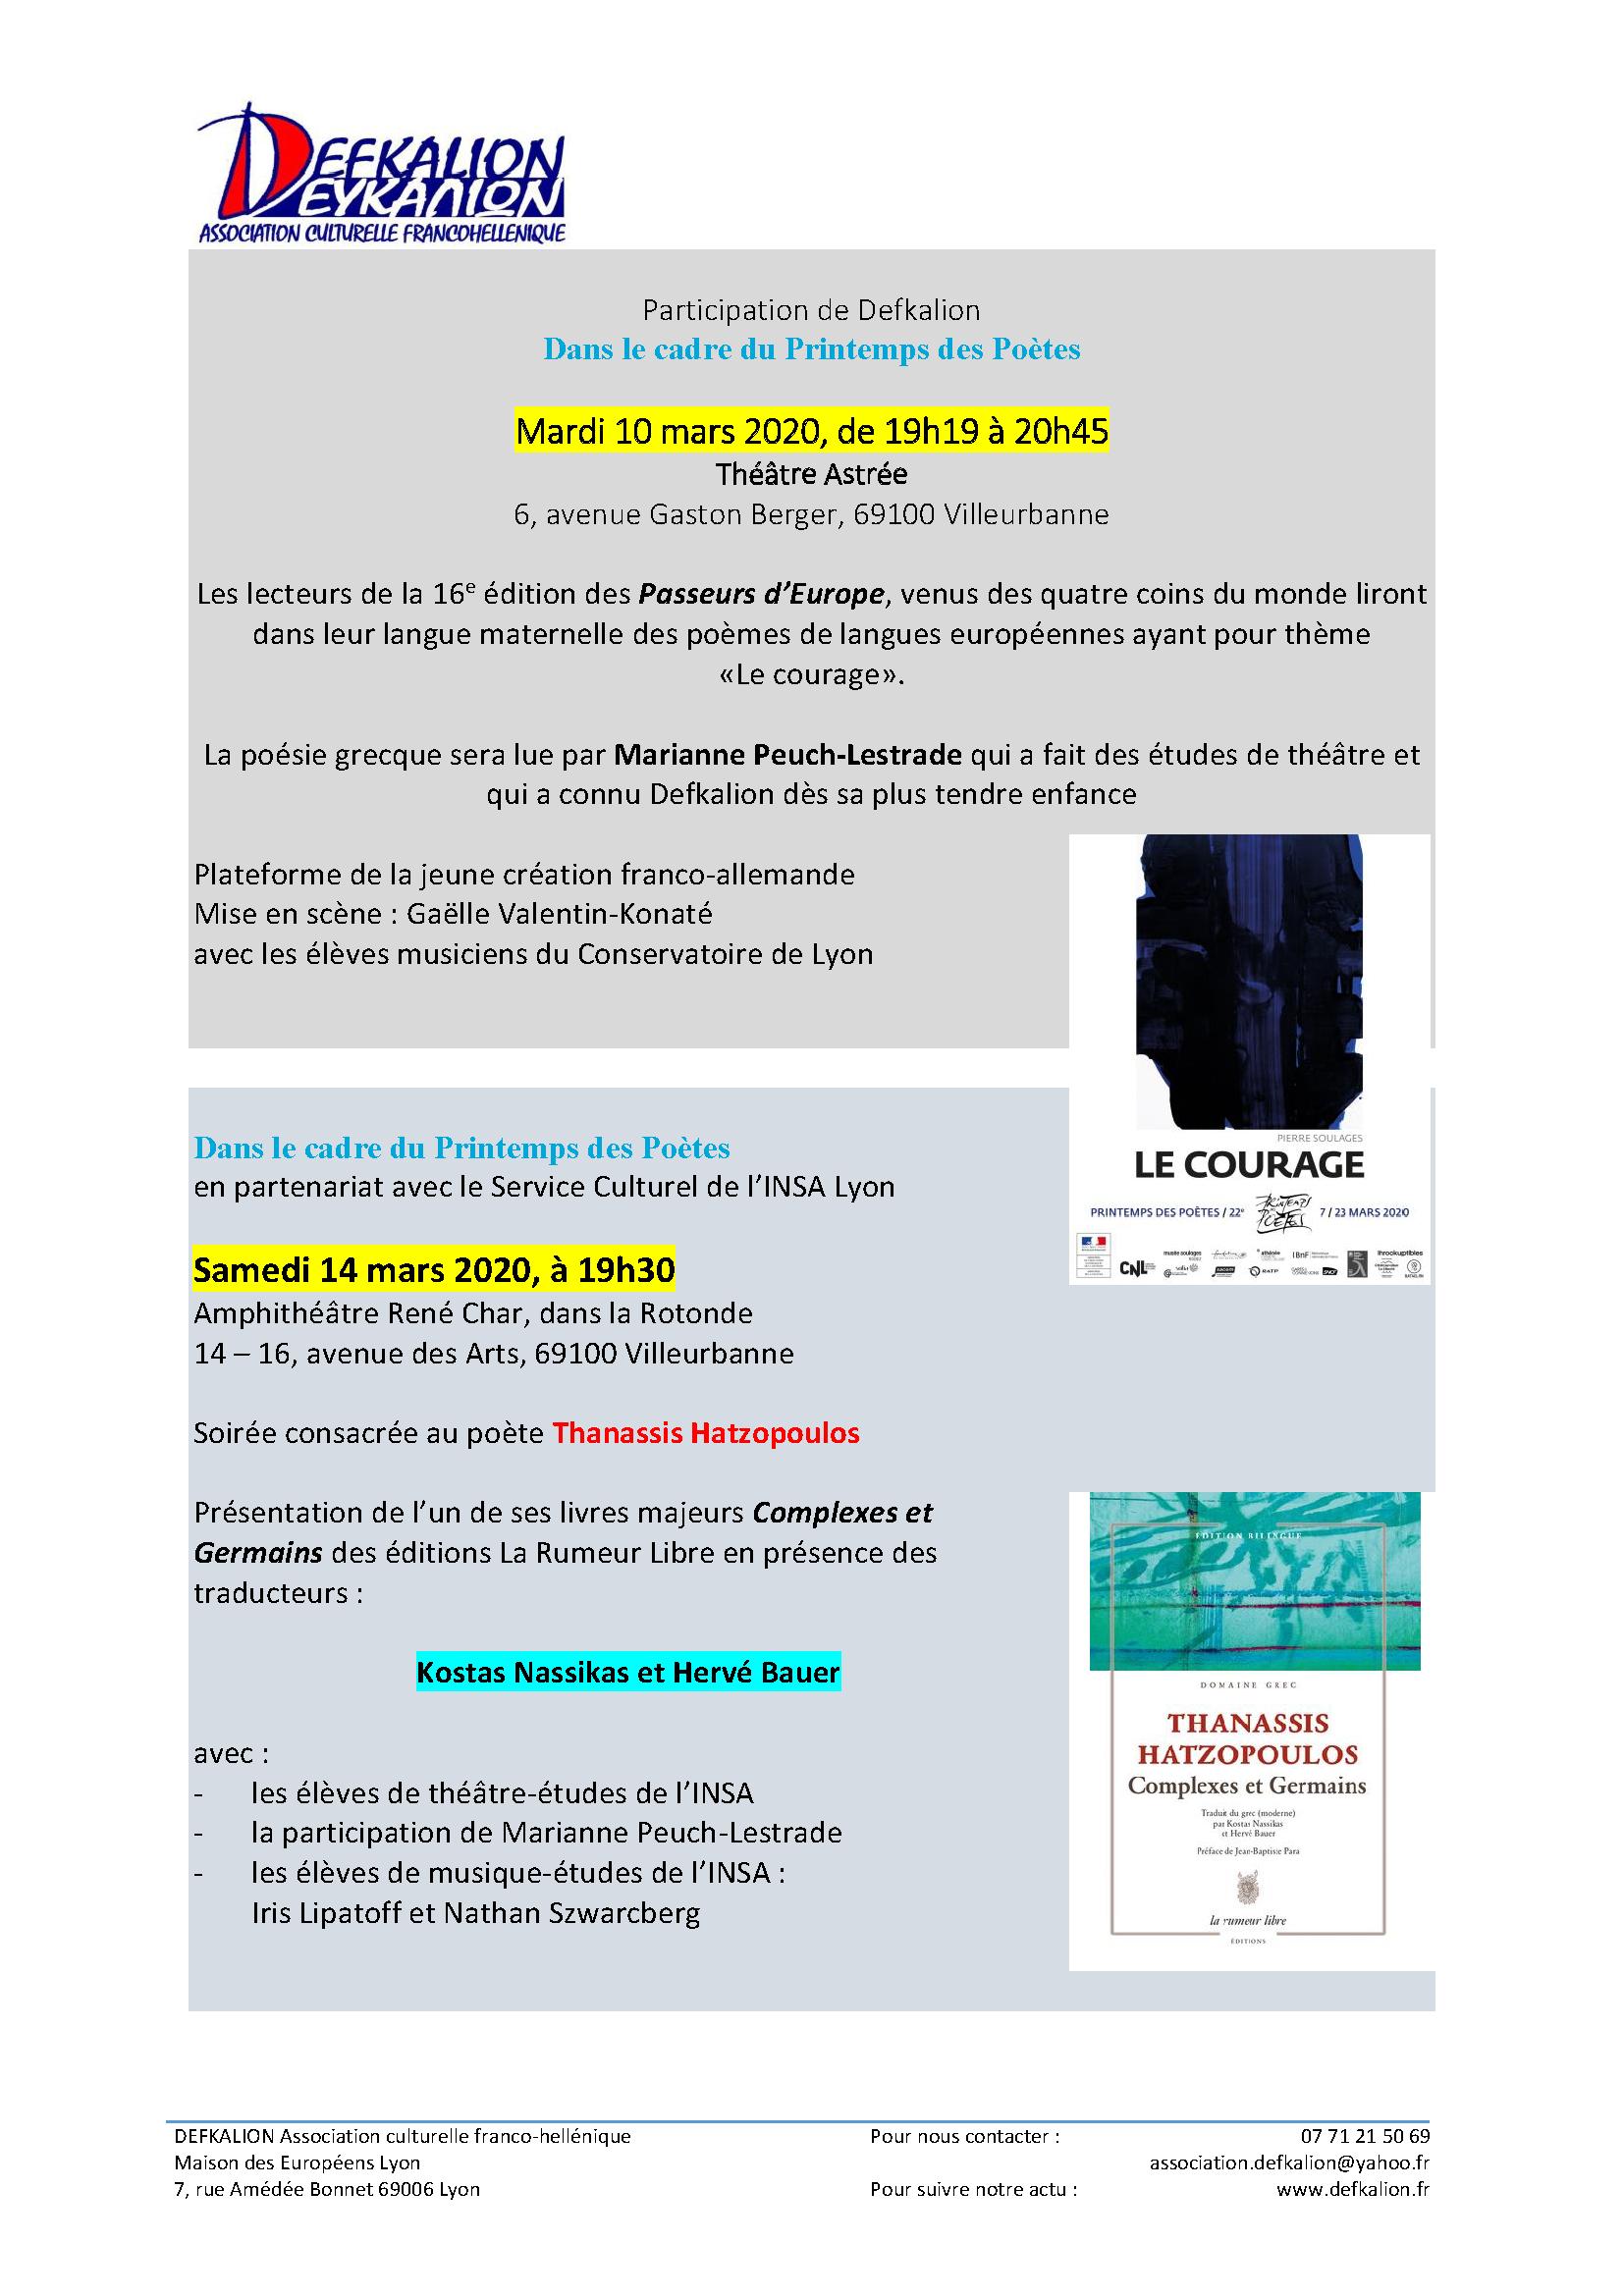 Defkalion newsletter 1er trimestre 2020 - v2_Page_3